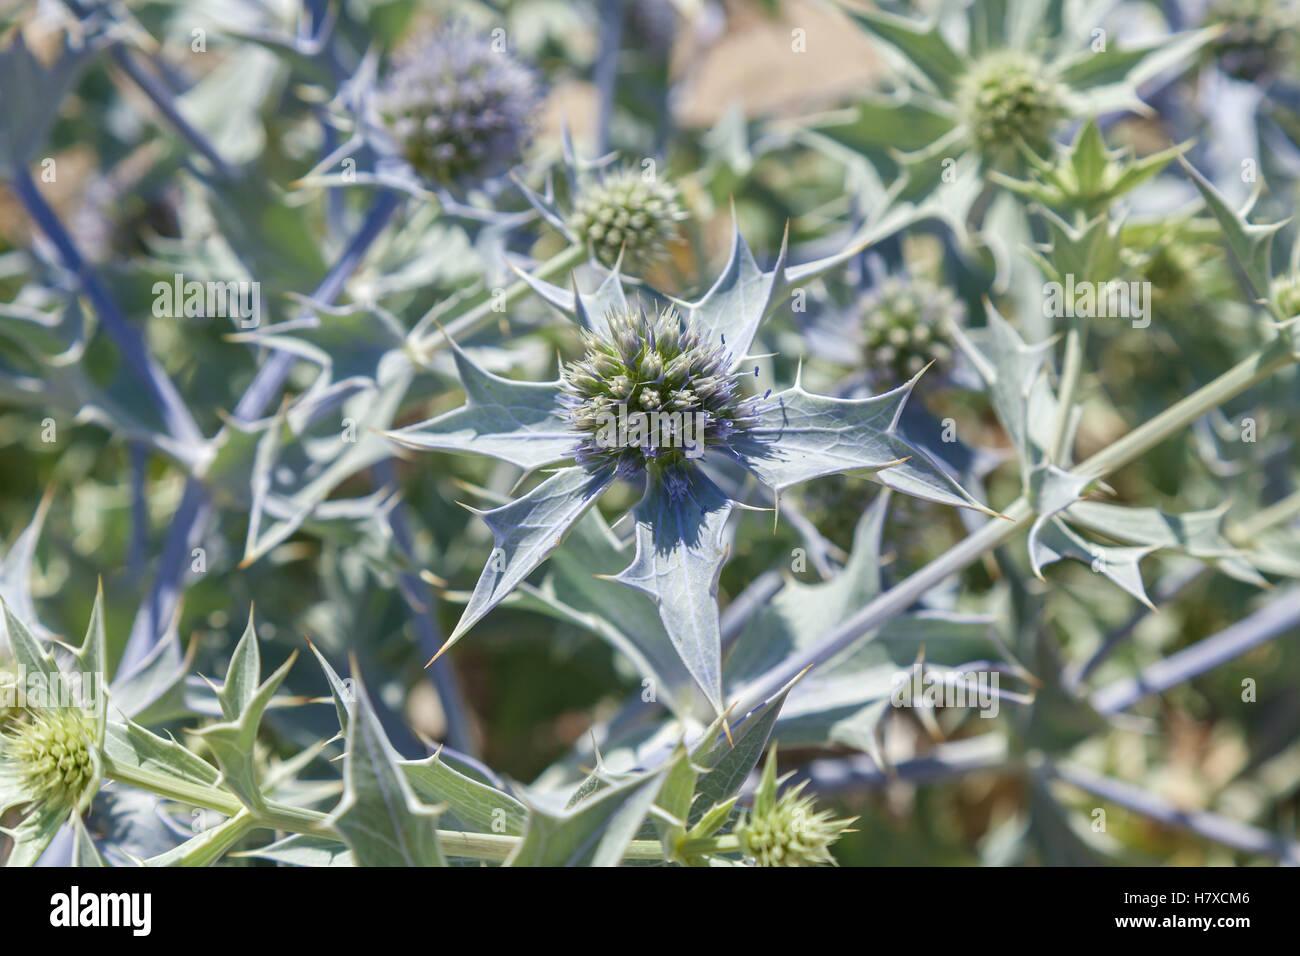 Getrocknete Blumen. Detailliertes Bild der getrocknete Blumen im Sommertag hautnah. Stockbild